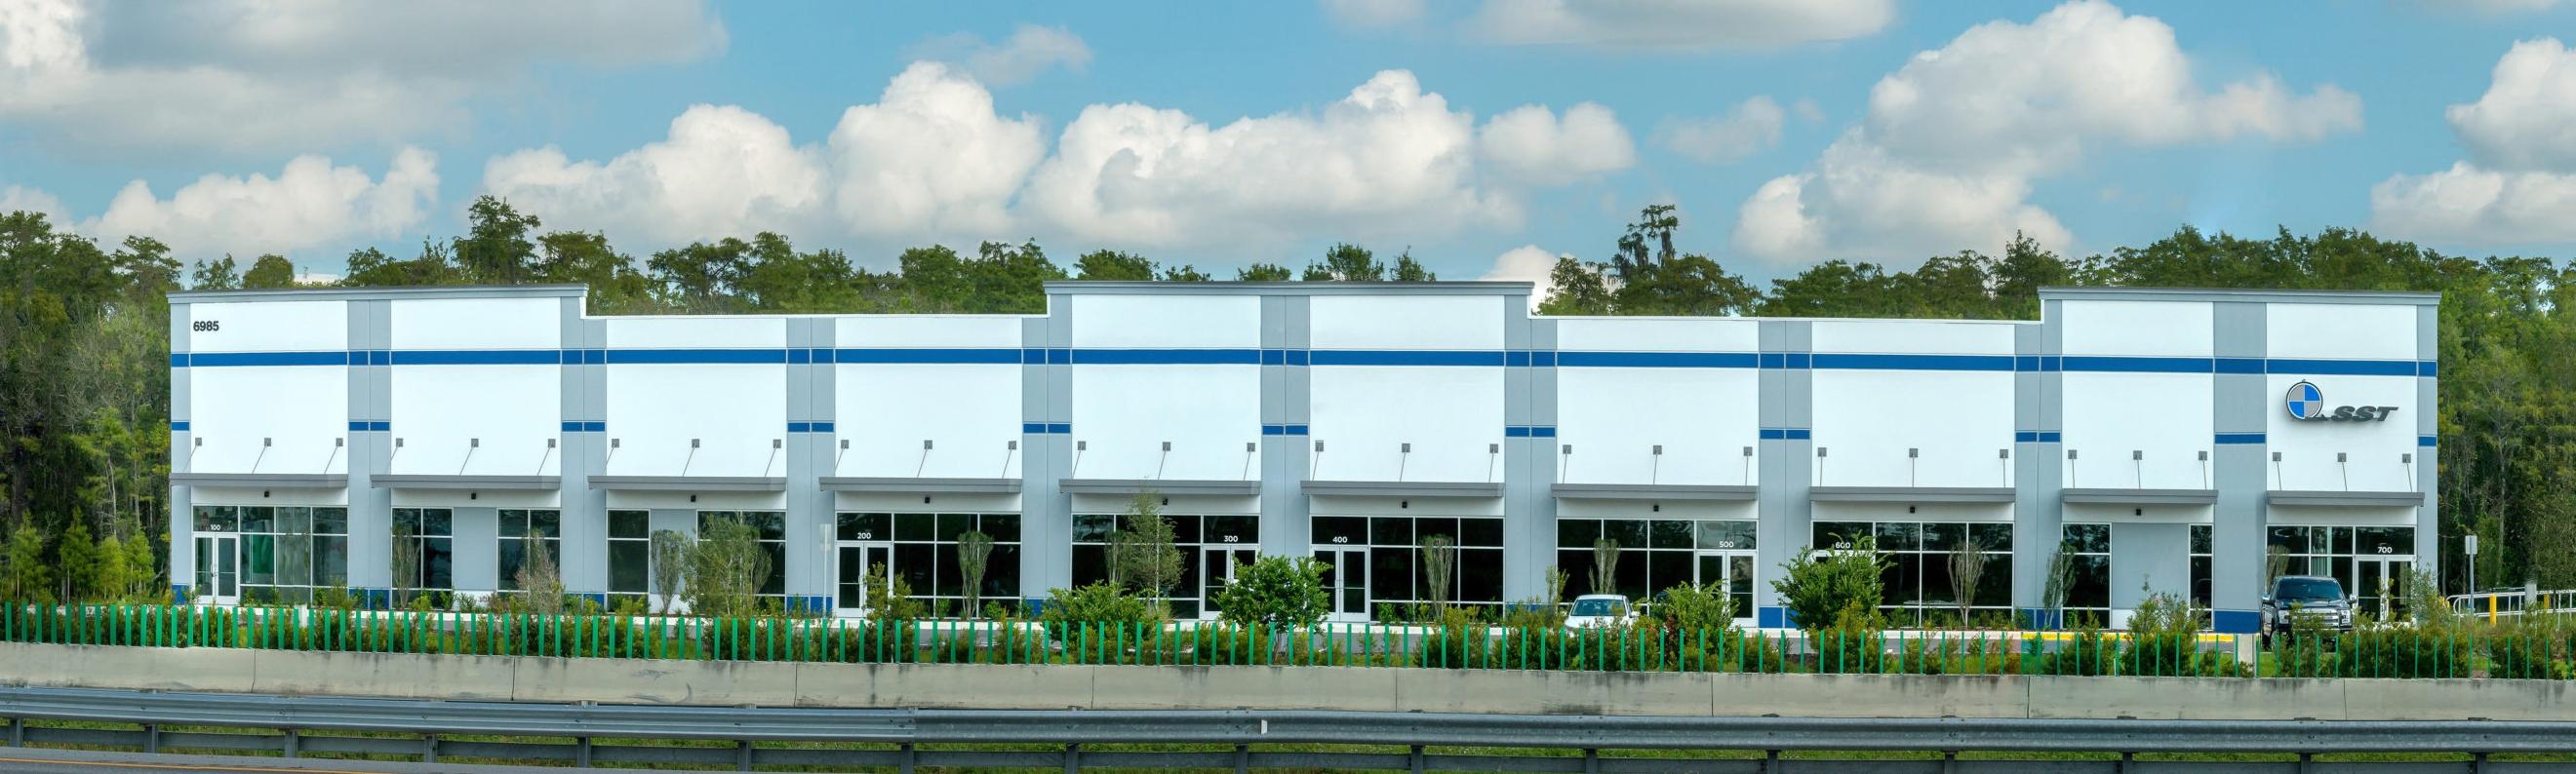 AC Flex Warehouse, Airport Acres Industrial Park